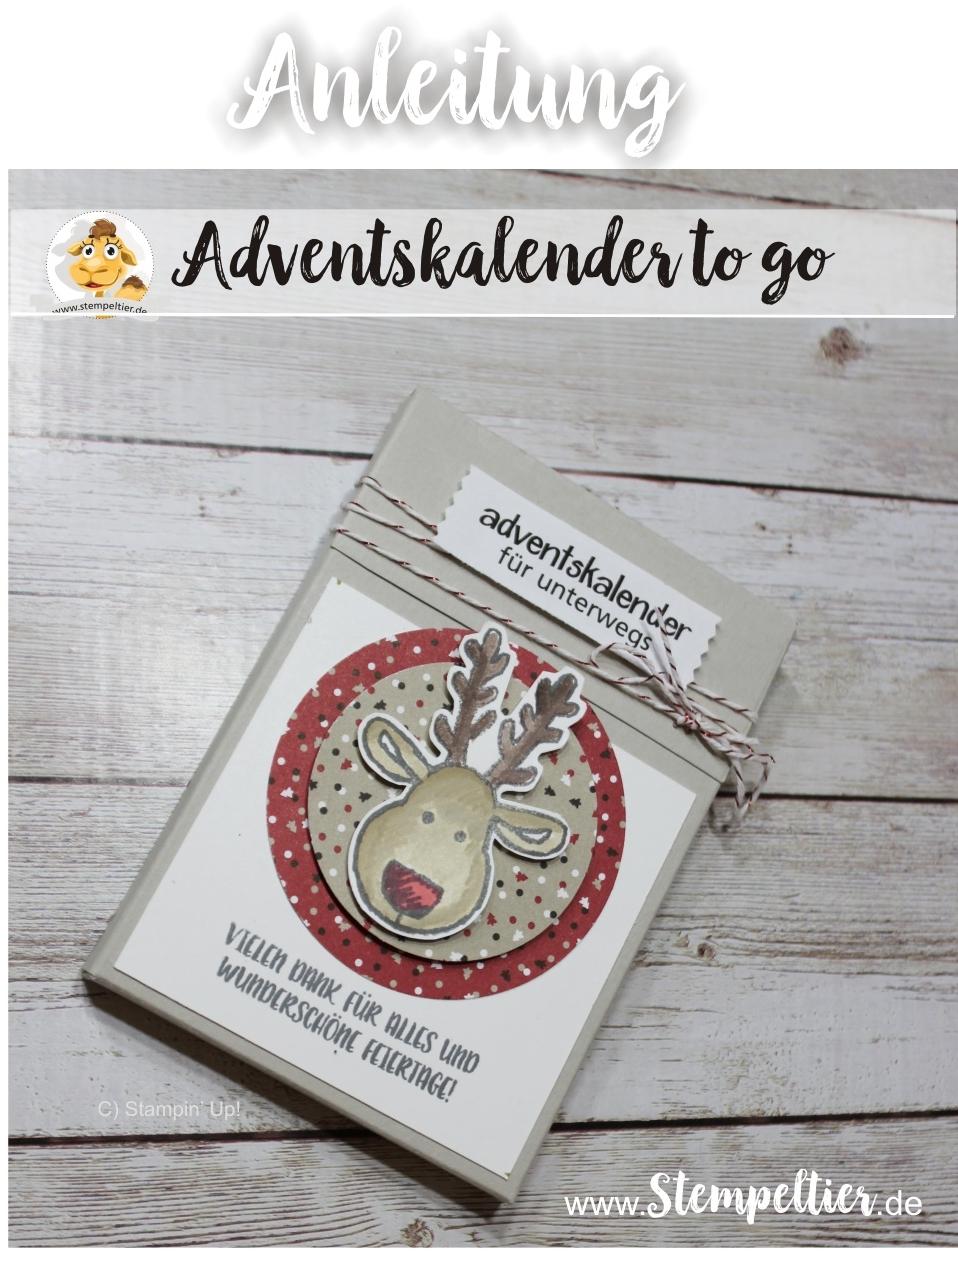 adventskalender to go stampin up weihnachten verpacken blog stempeltier anleitung maße